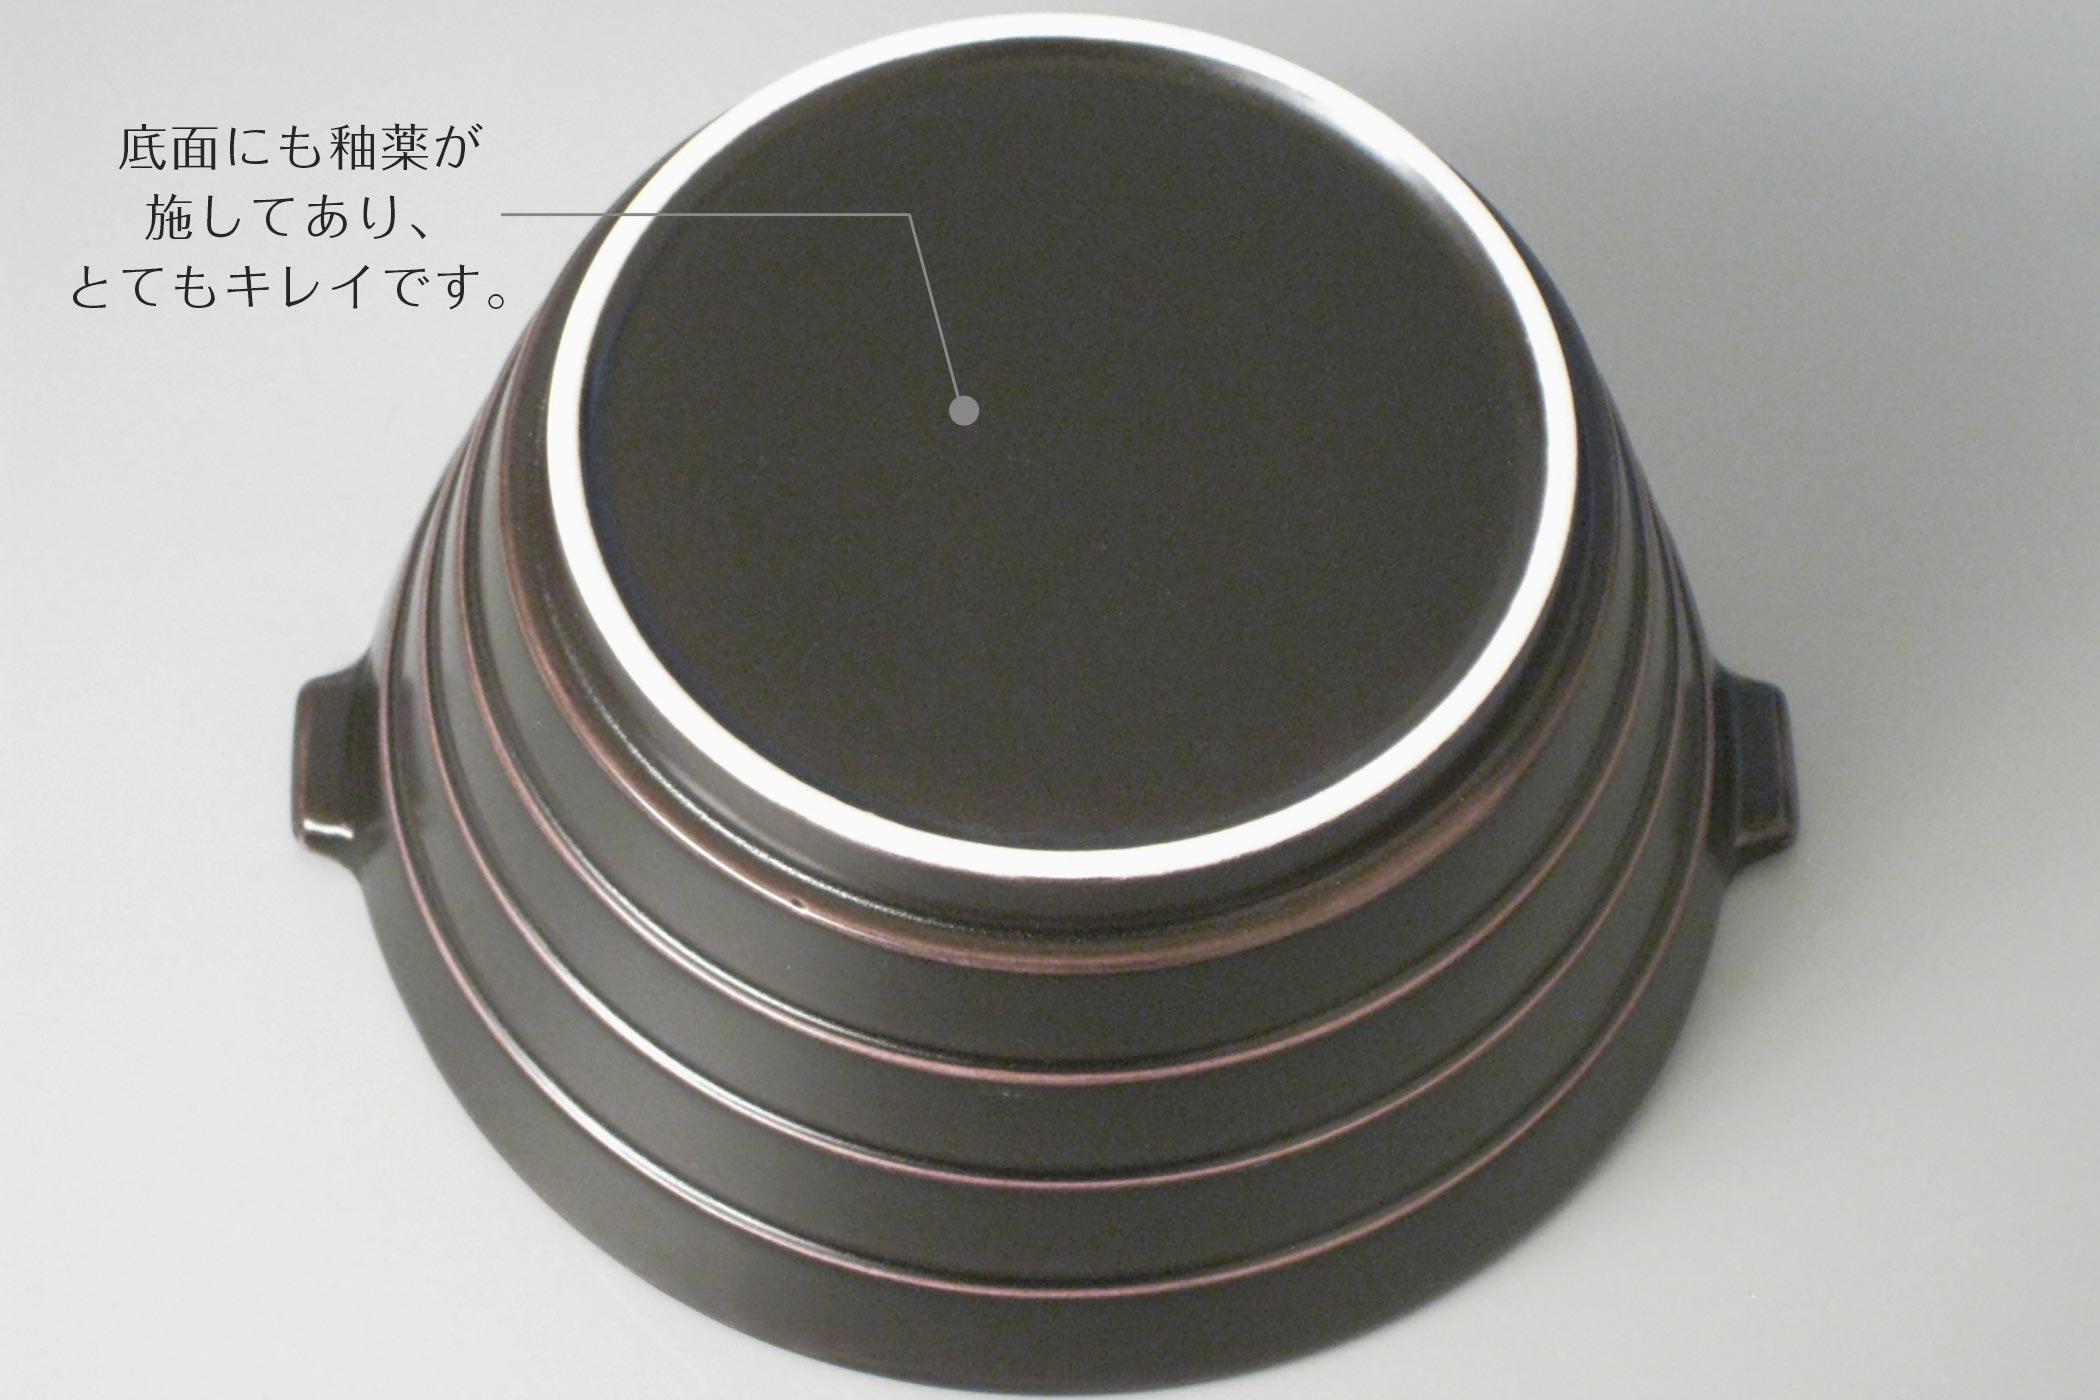 Only椀 底面にも釉薬が施してあり、とてもキレイ。